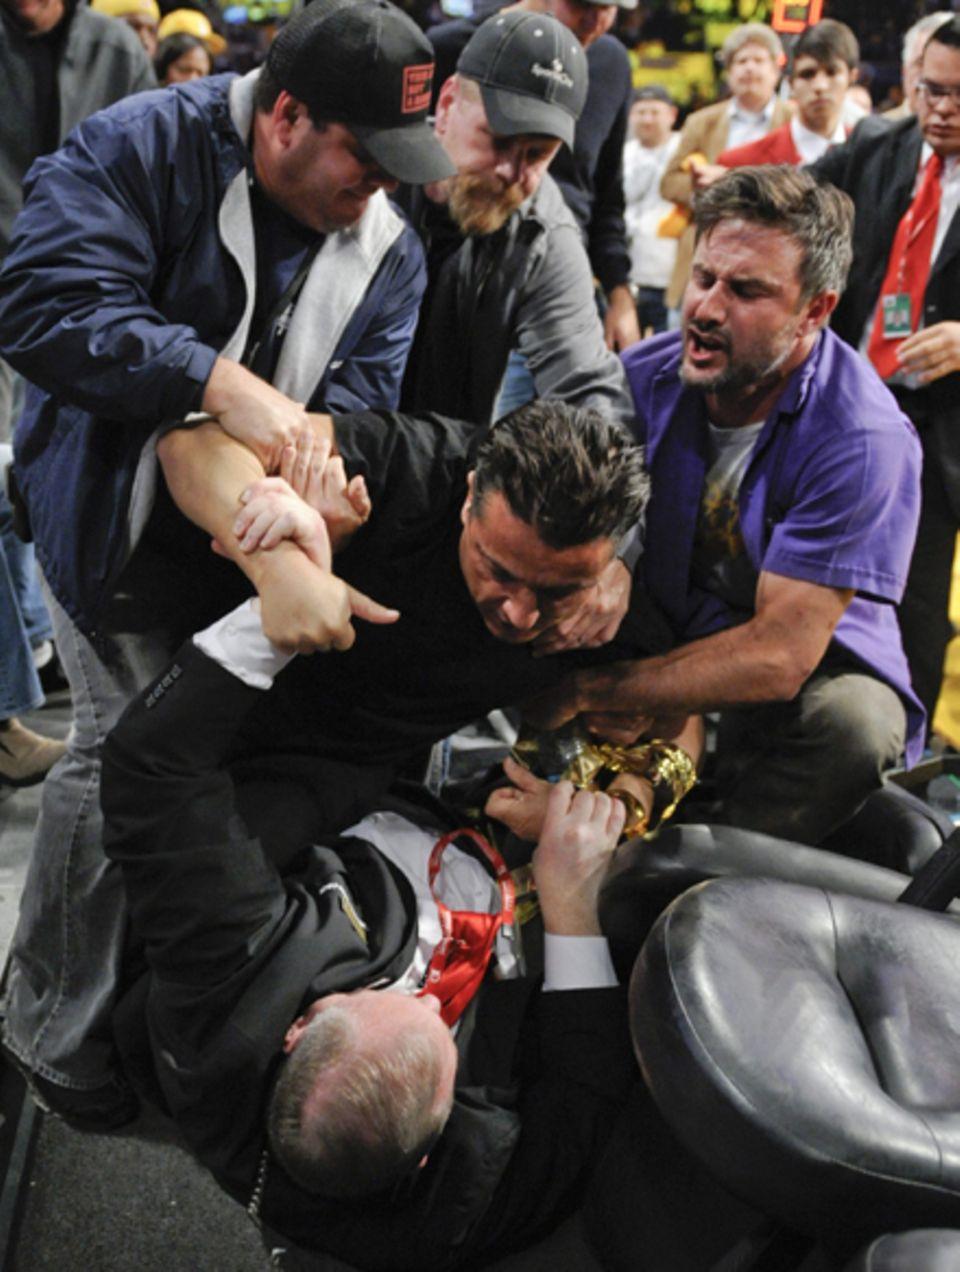 David Arquette versucht den Sicherheitskräften zu helfen.